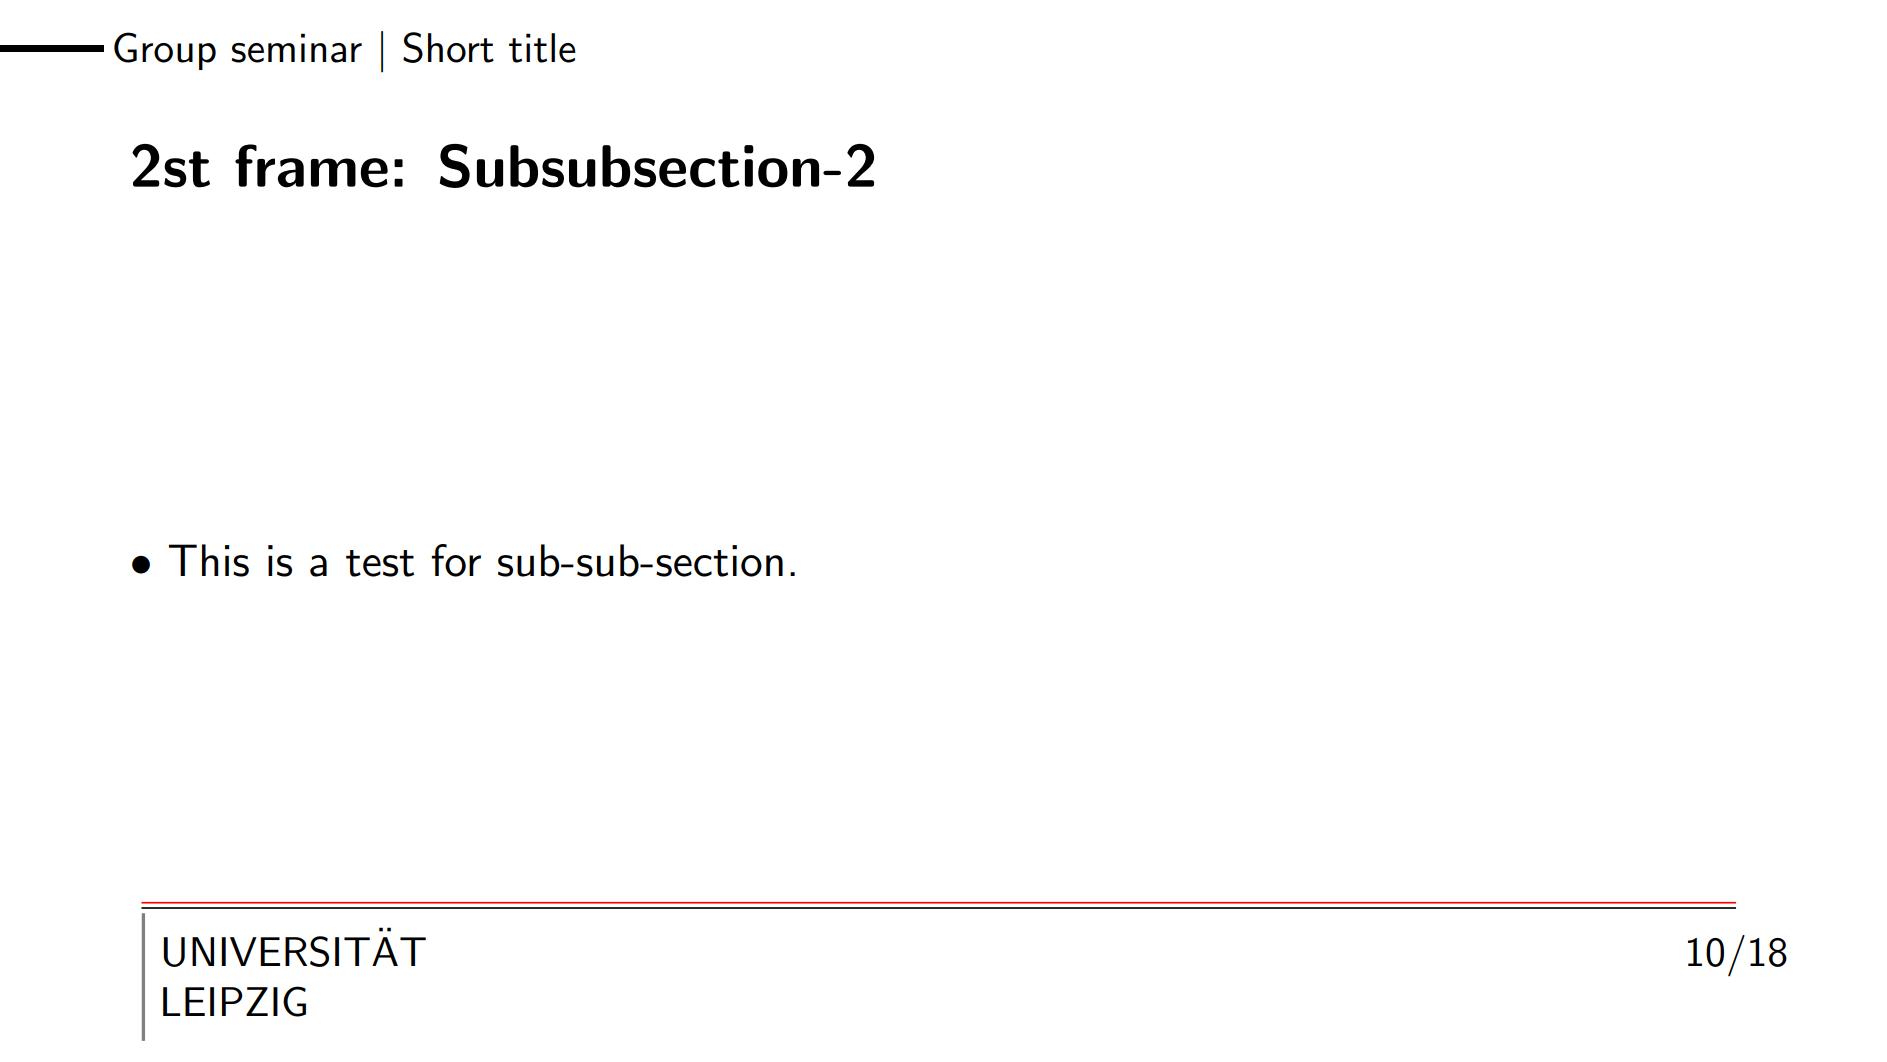 莱比锡学生使用的 beamer 主题 2 - 参考文献放页脚